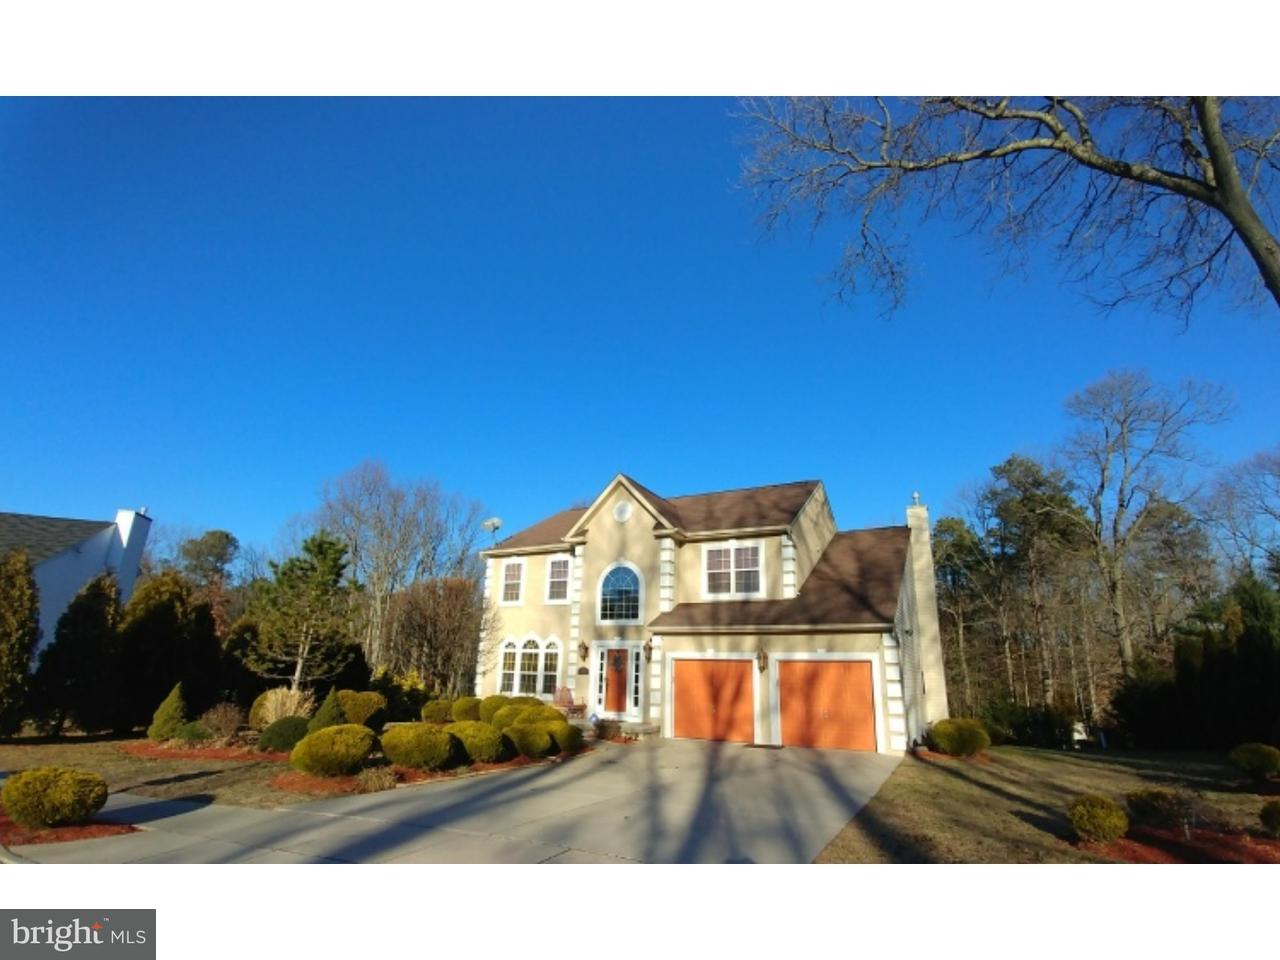 Maison unifamiliale pour l Vente à 14 HIGH Trail Pine Hill, New Jersey 08021 États-Unis